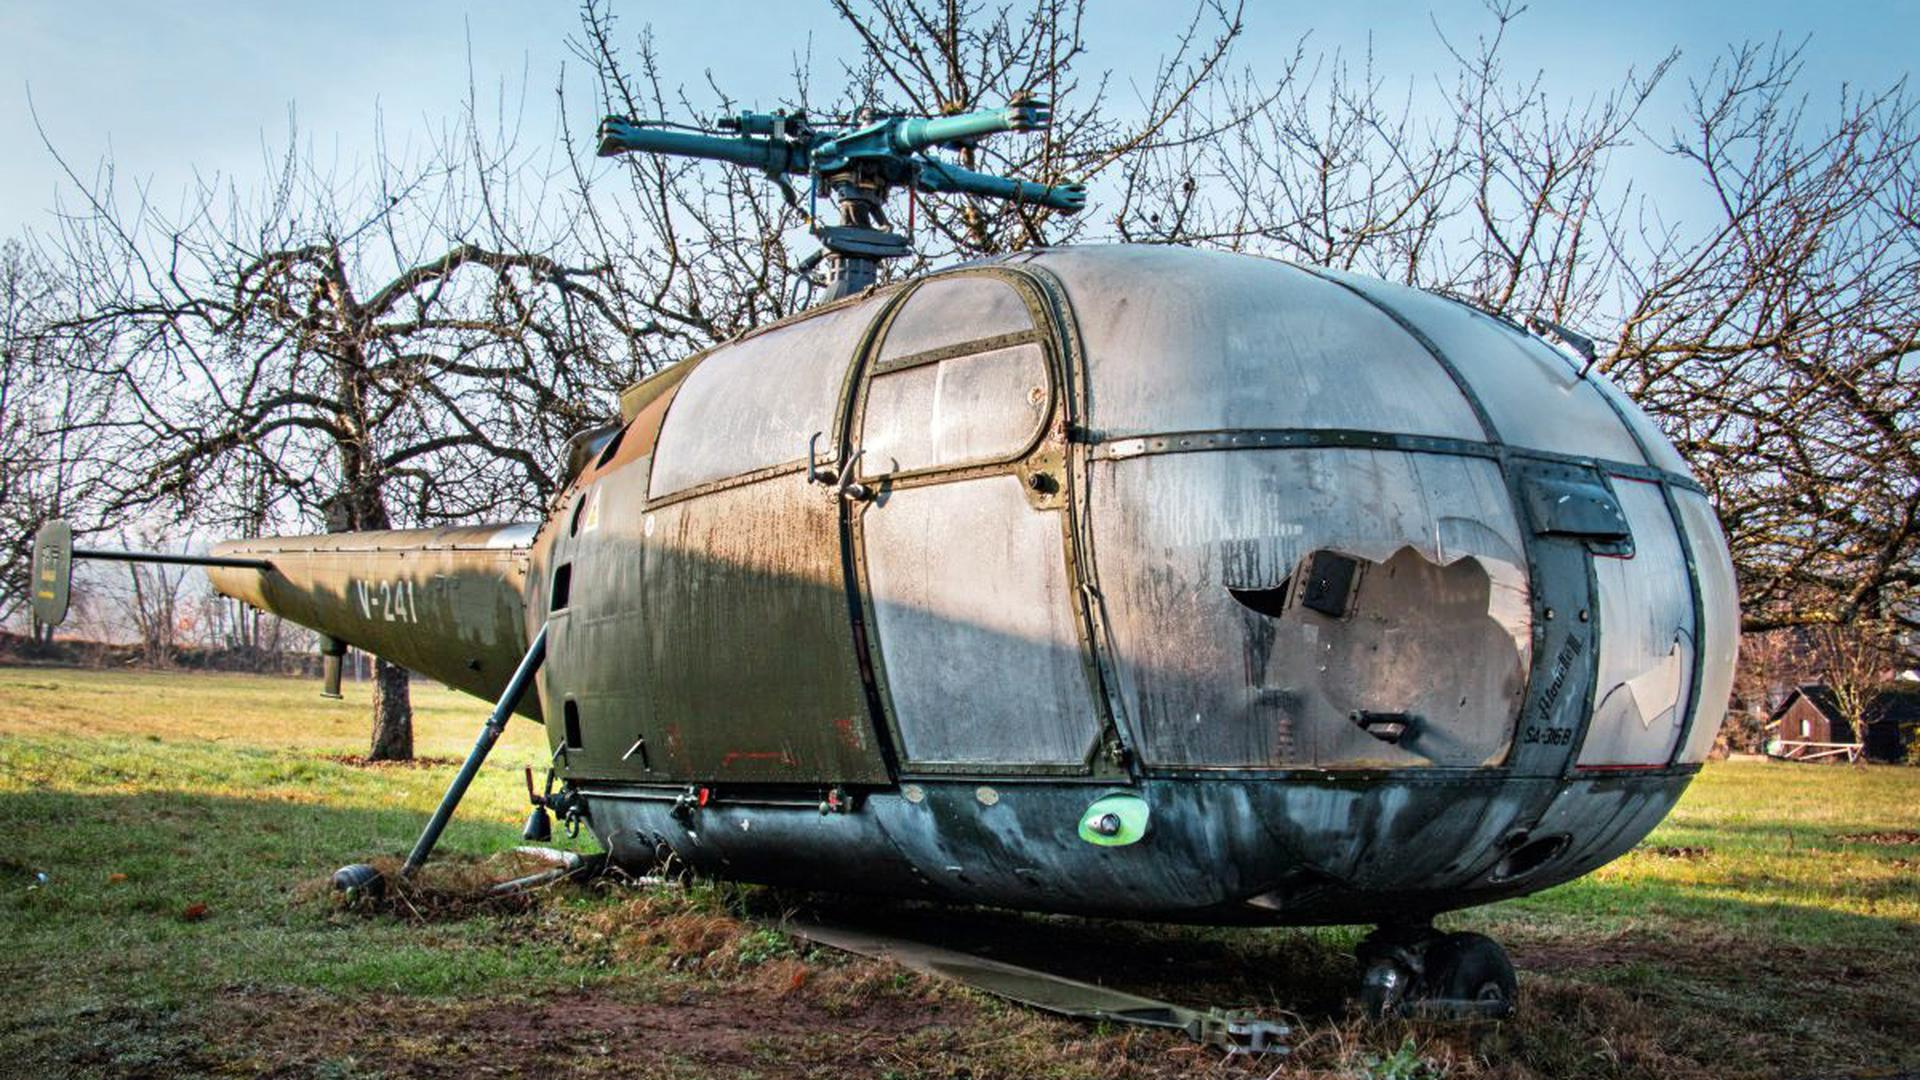 Am Rande einer Streuobstwiese bei Pforzheim fand Benjamin Seyfang einen verfallenden Helikopter.